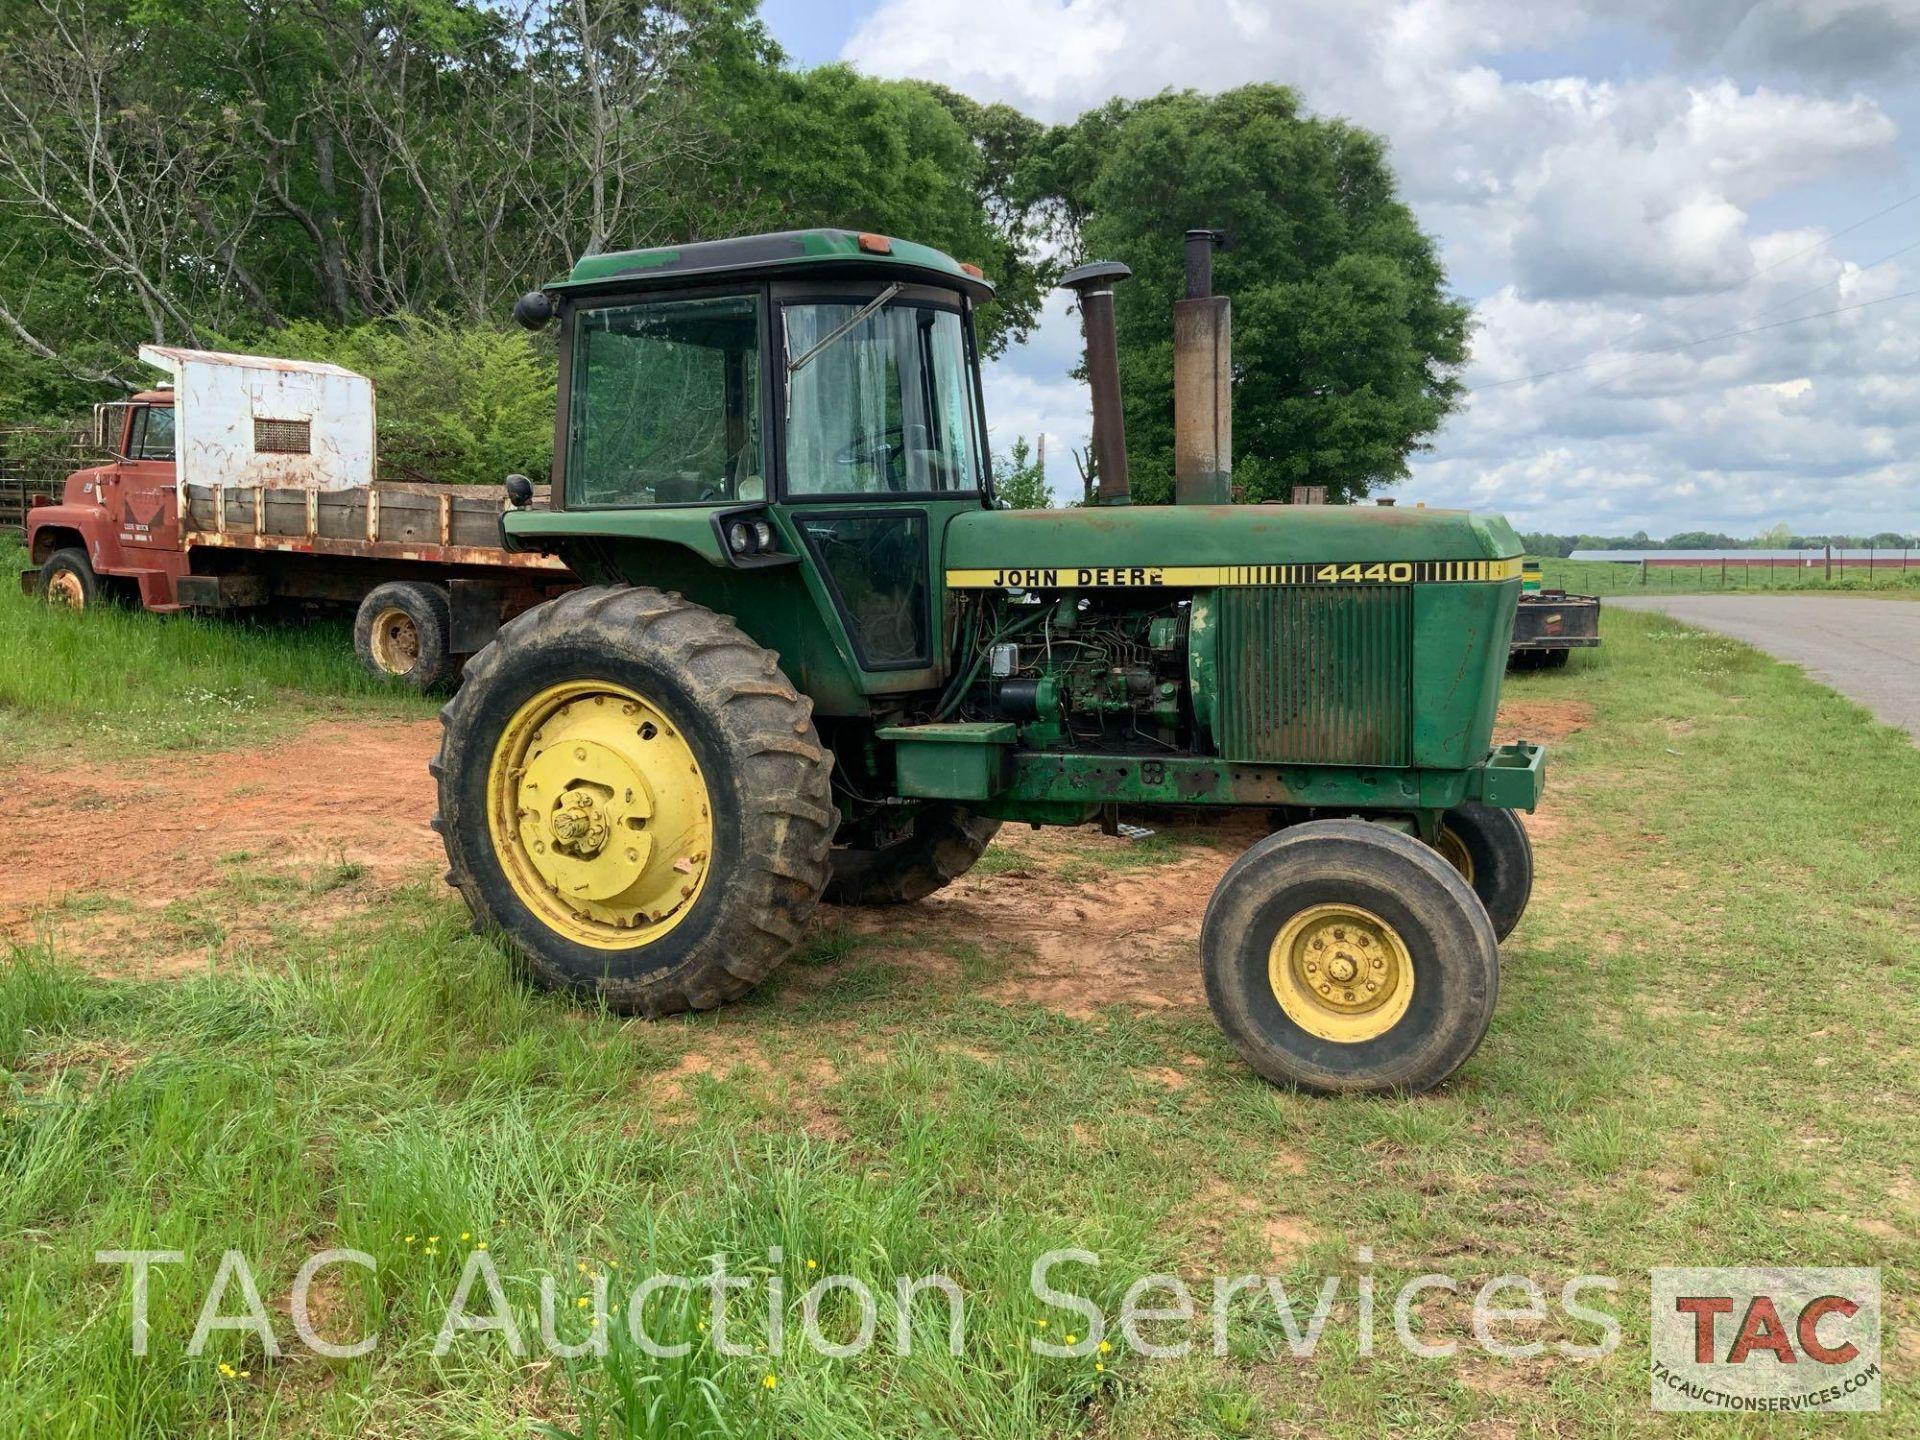 John Deere 4440 Tractor - Image 5 of 31